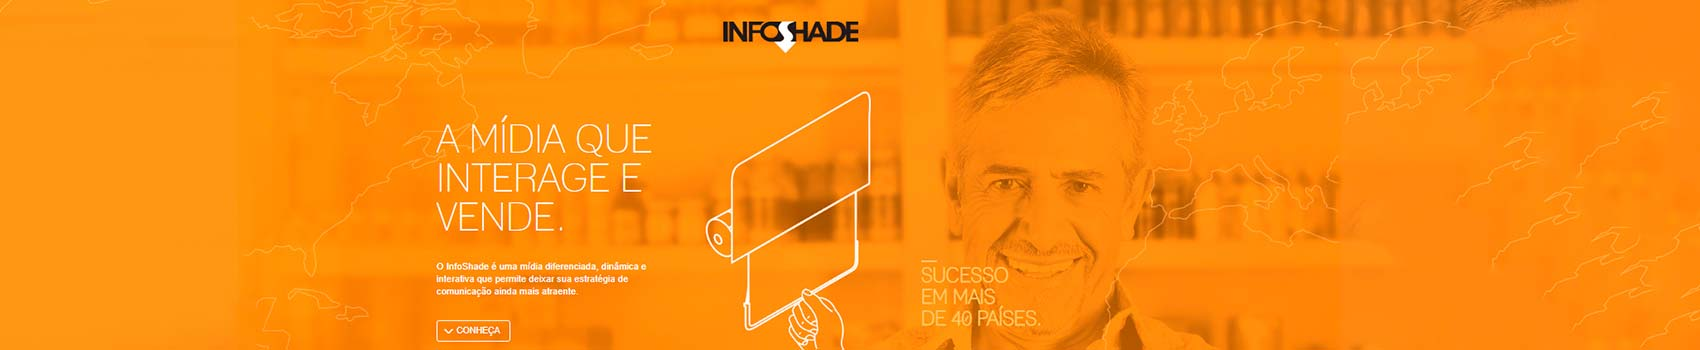 Infoshade